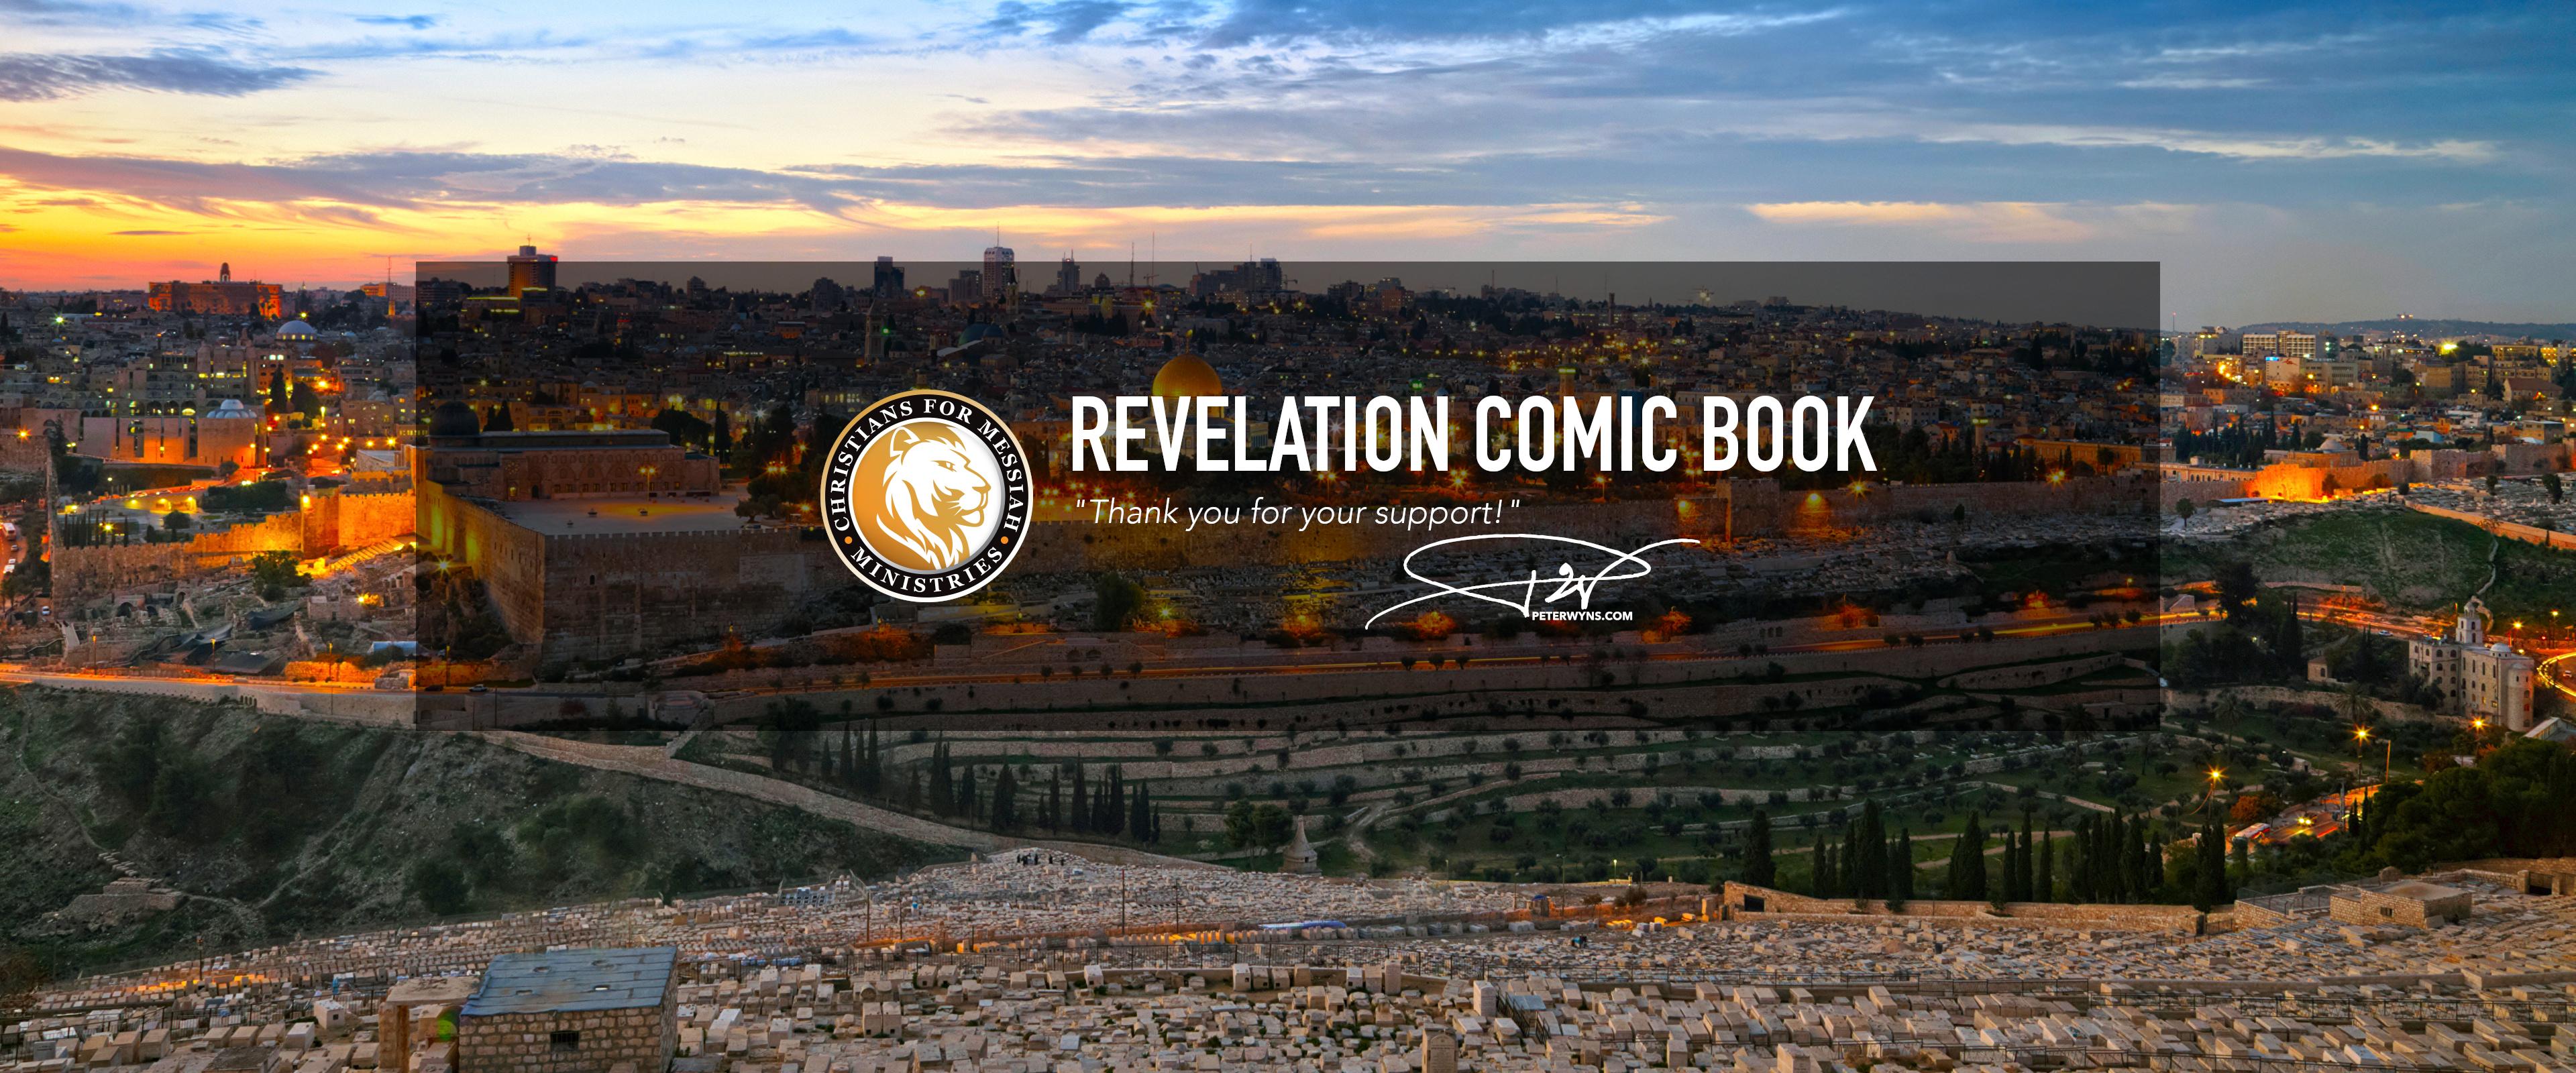 revelation comic book banner